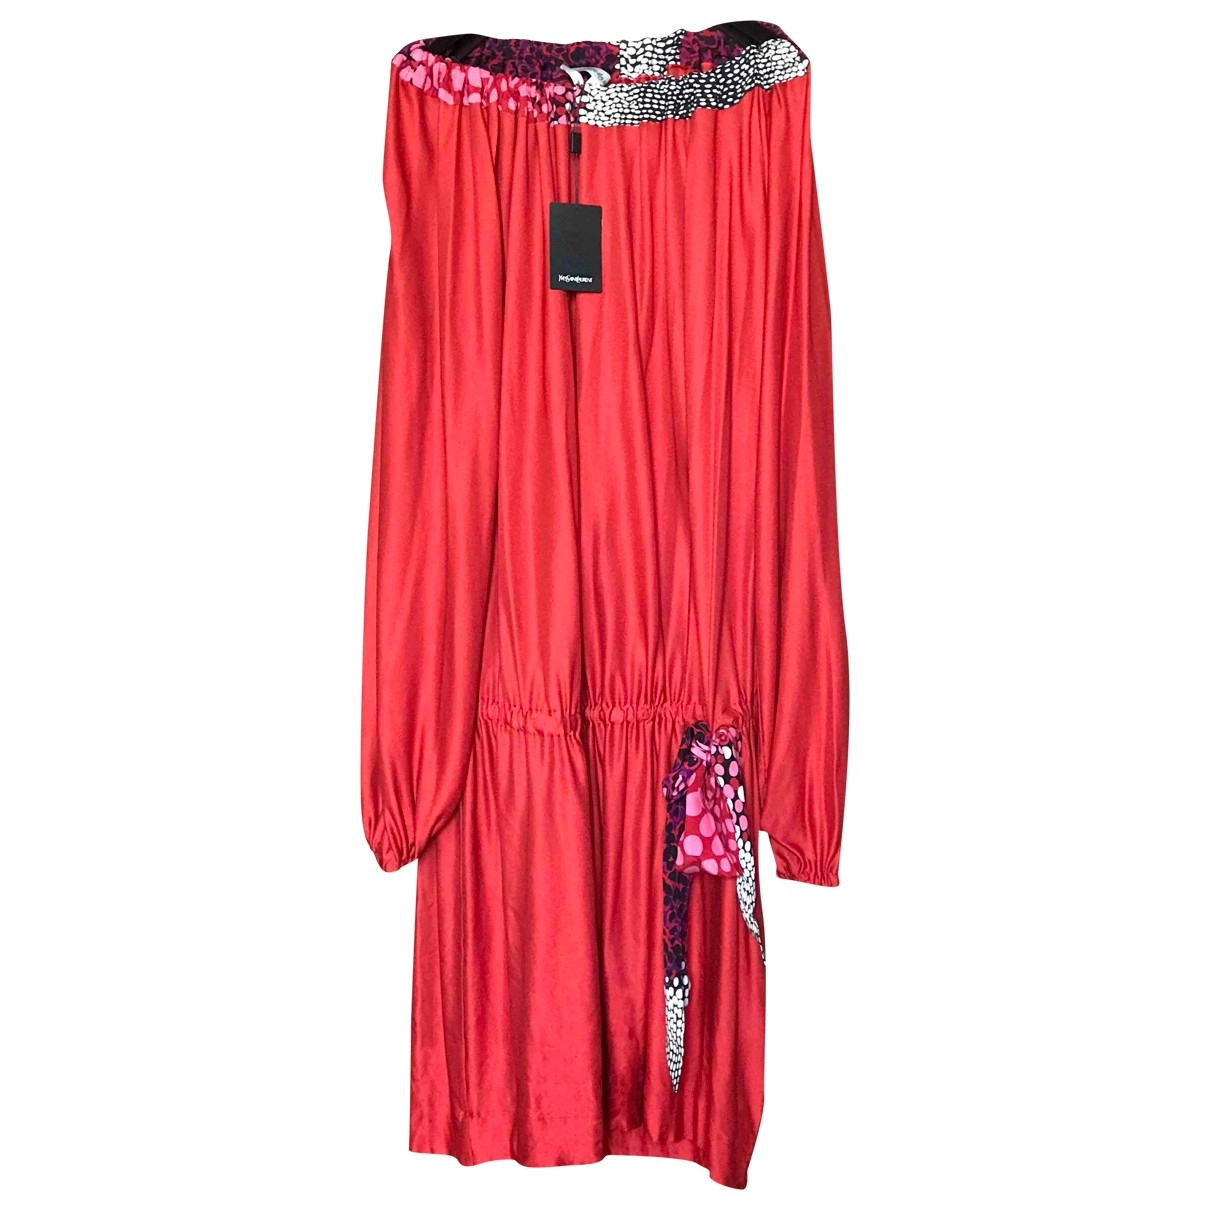 Yves Saint Laurent \N Kleid in  Rot Baumwolle